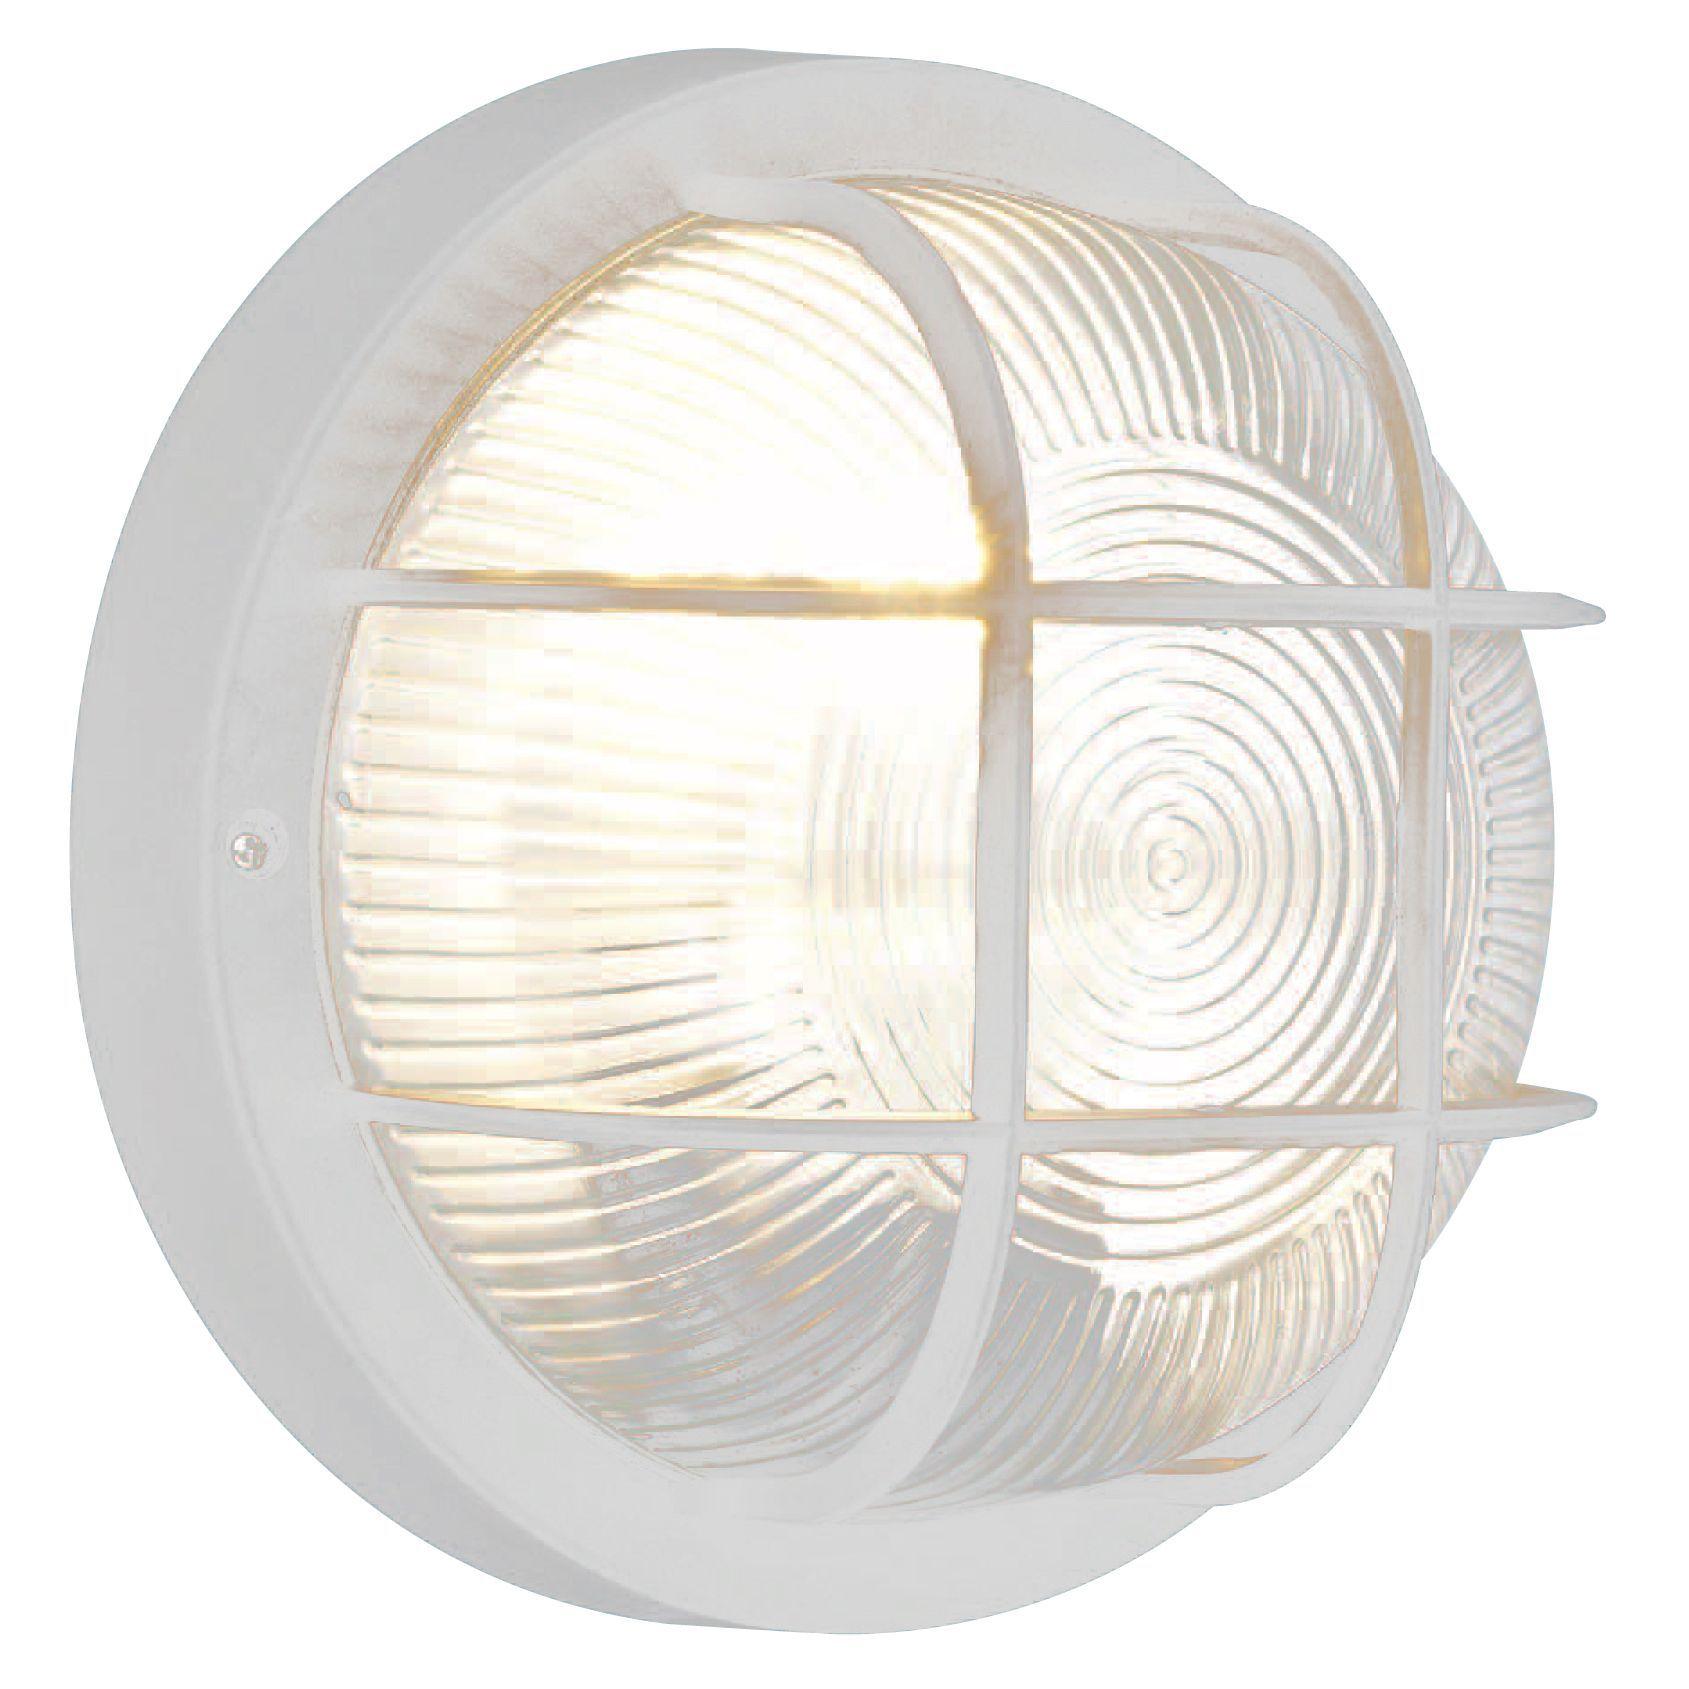 White Mains Powered EXTERNAL WALL LIGHT Simple Bulk Head Outdoor Garden Driveway eBay